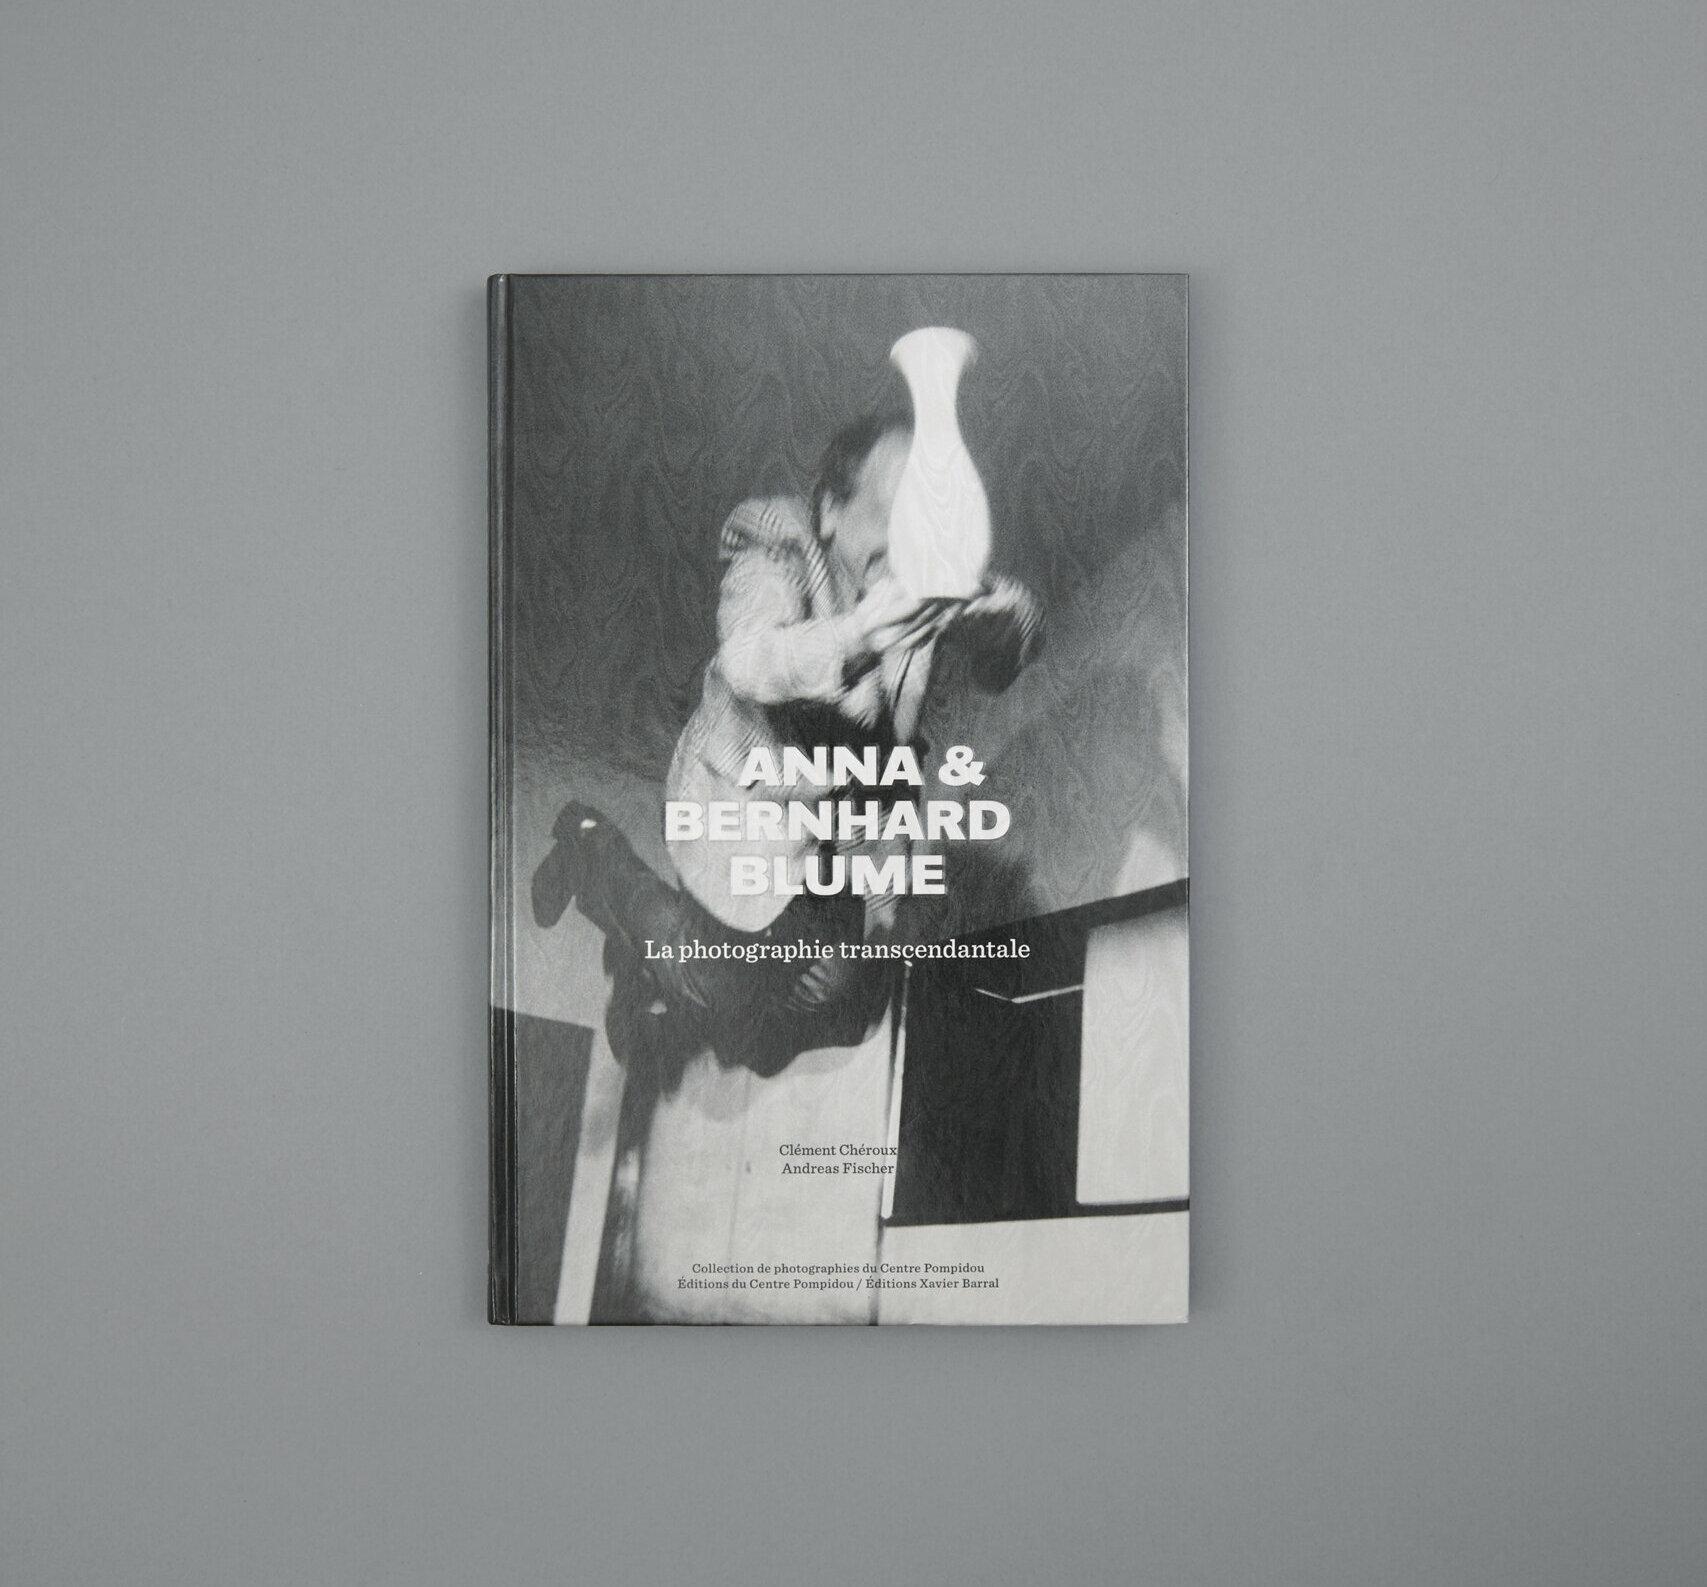 anna-bernhard-blume-delpire-co